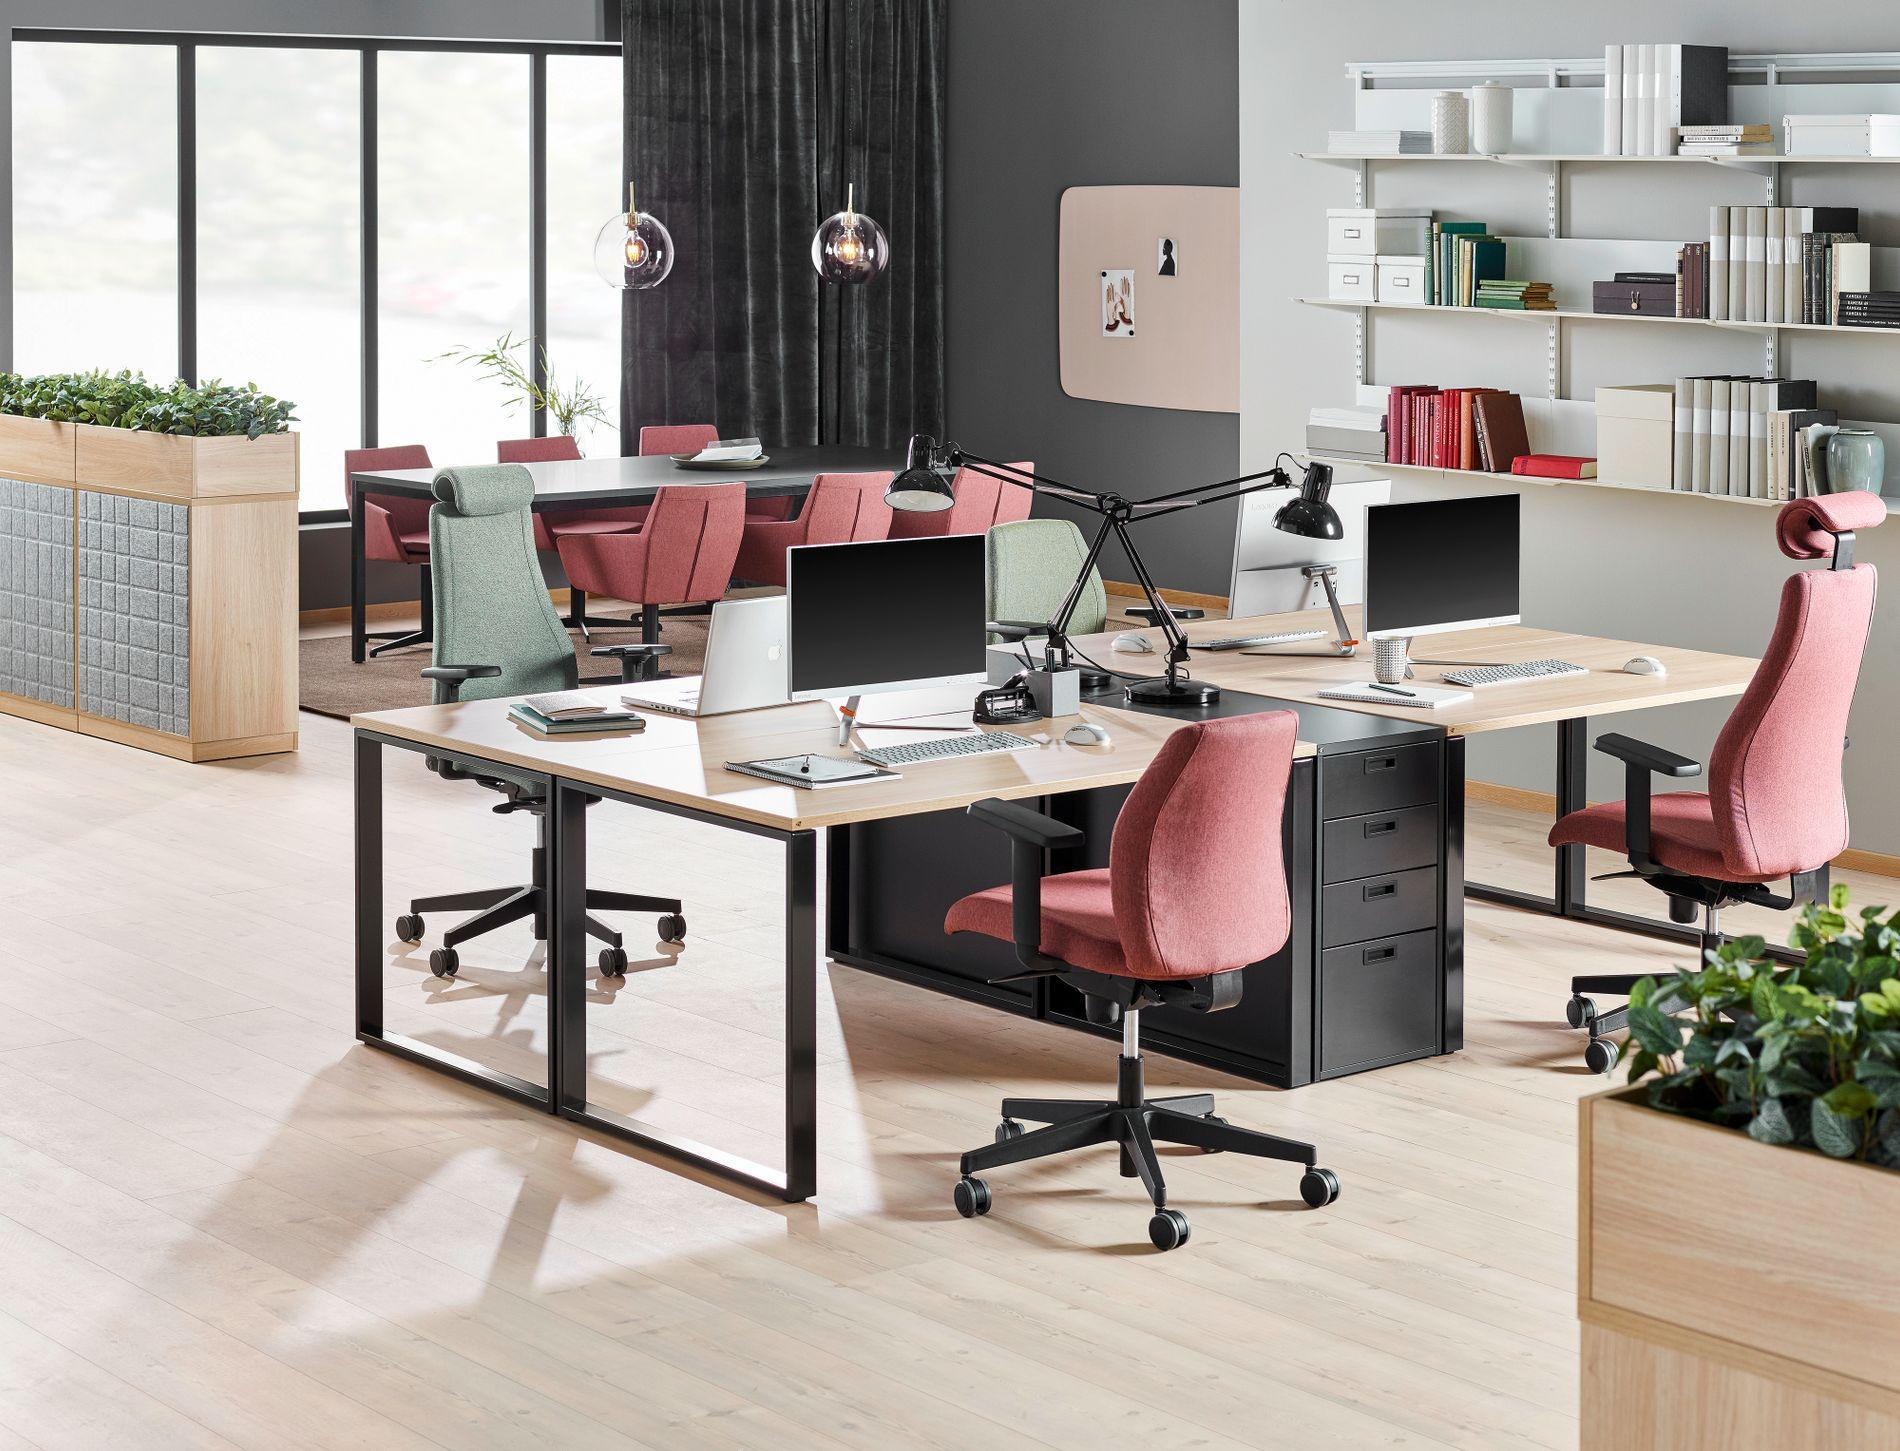 Bildet viser en klassisk open office-løsning. Her åpner man opp mellom skrivebordene og møterommet blant annet ved hjelp av kommoder og planter som skillevegg.